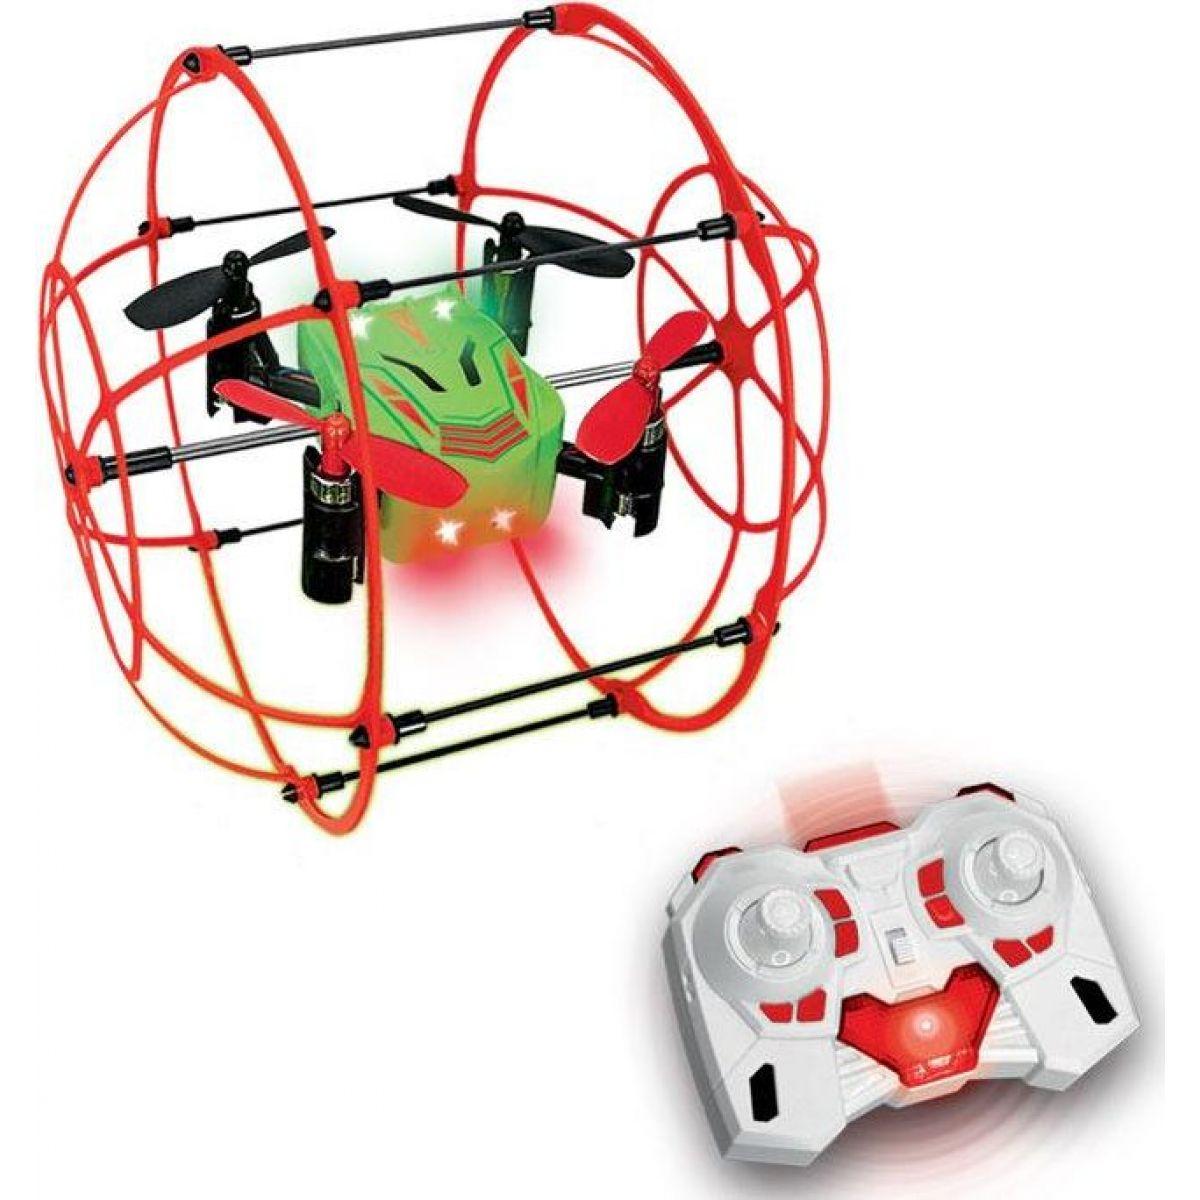 EP Line RC Rotující dron EPLINE